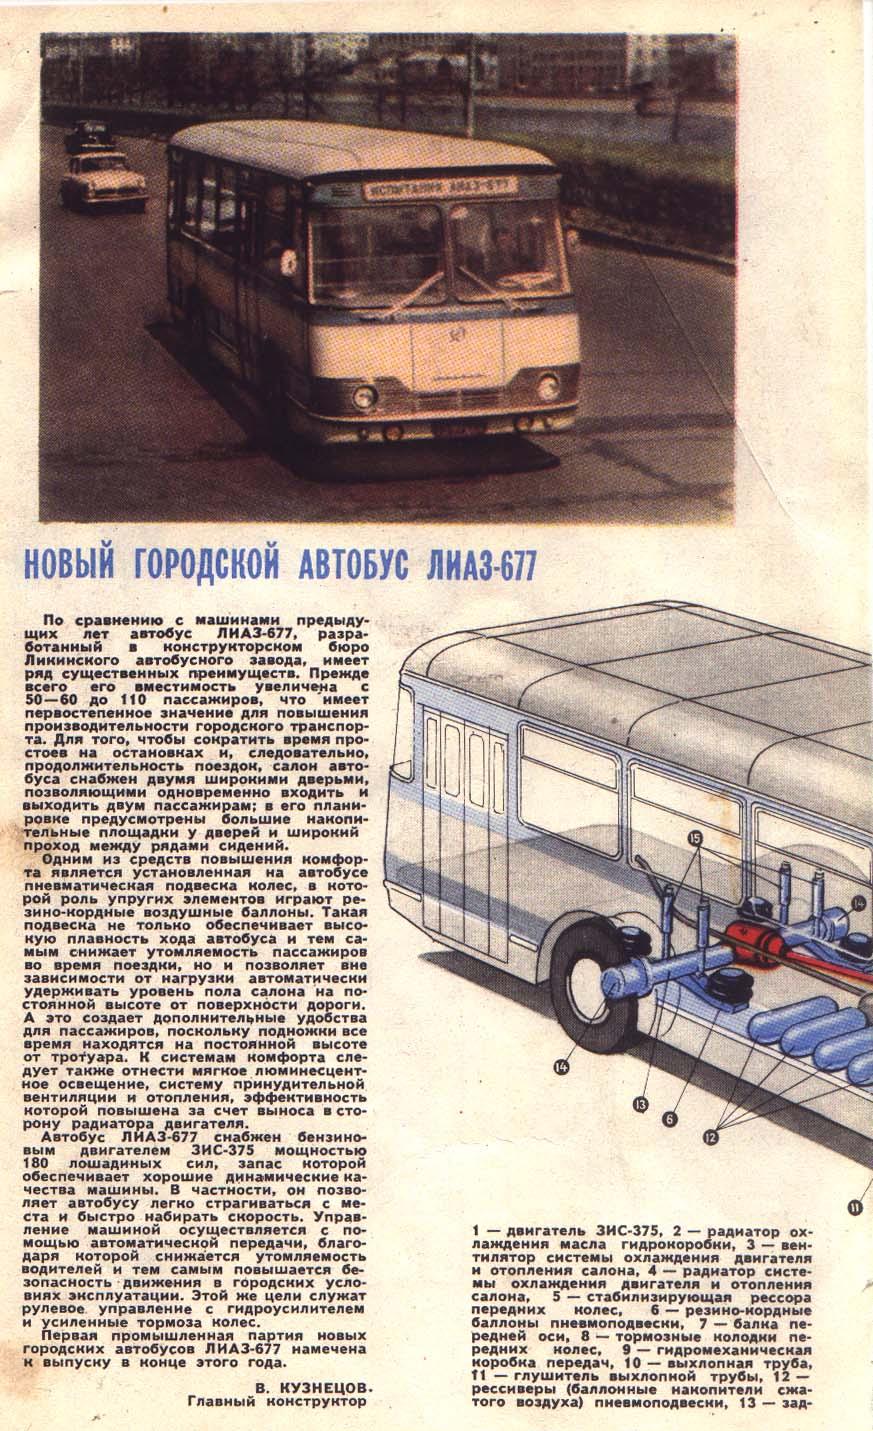 Тормозная система автобуса лиаз схема